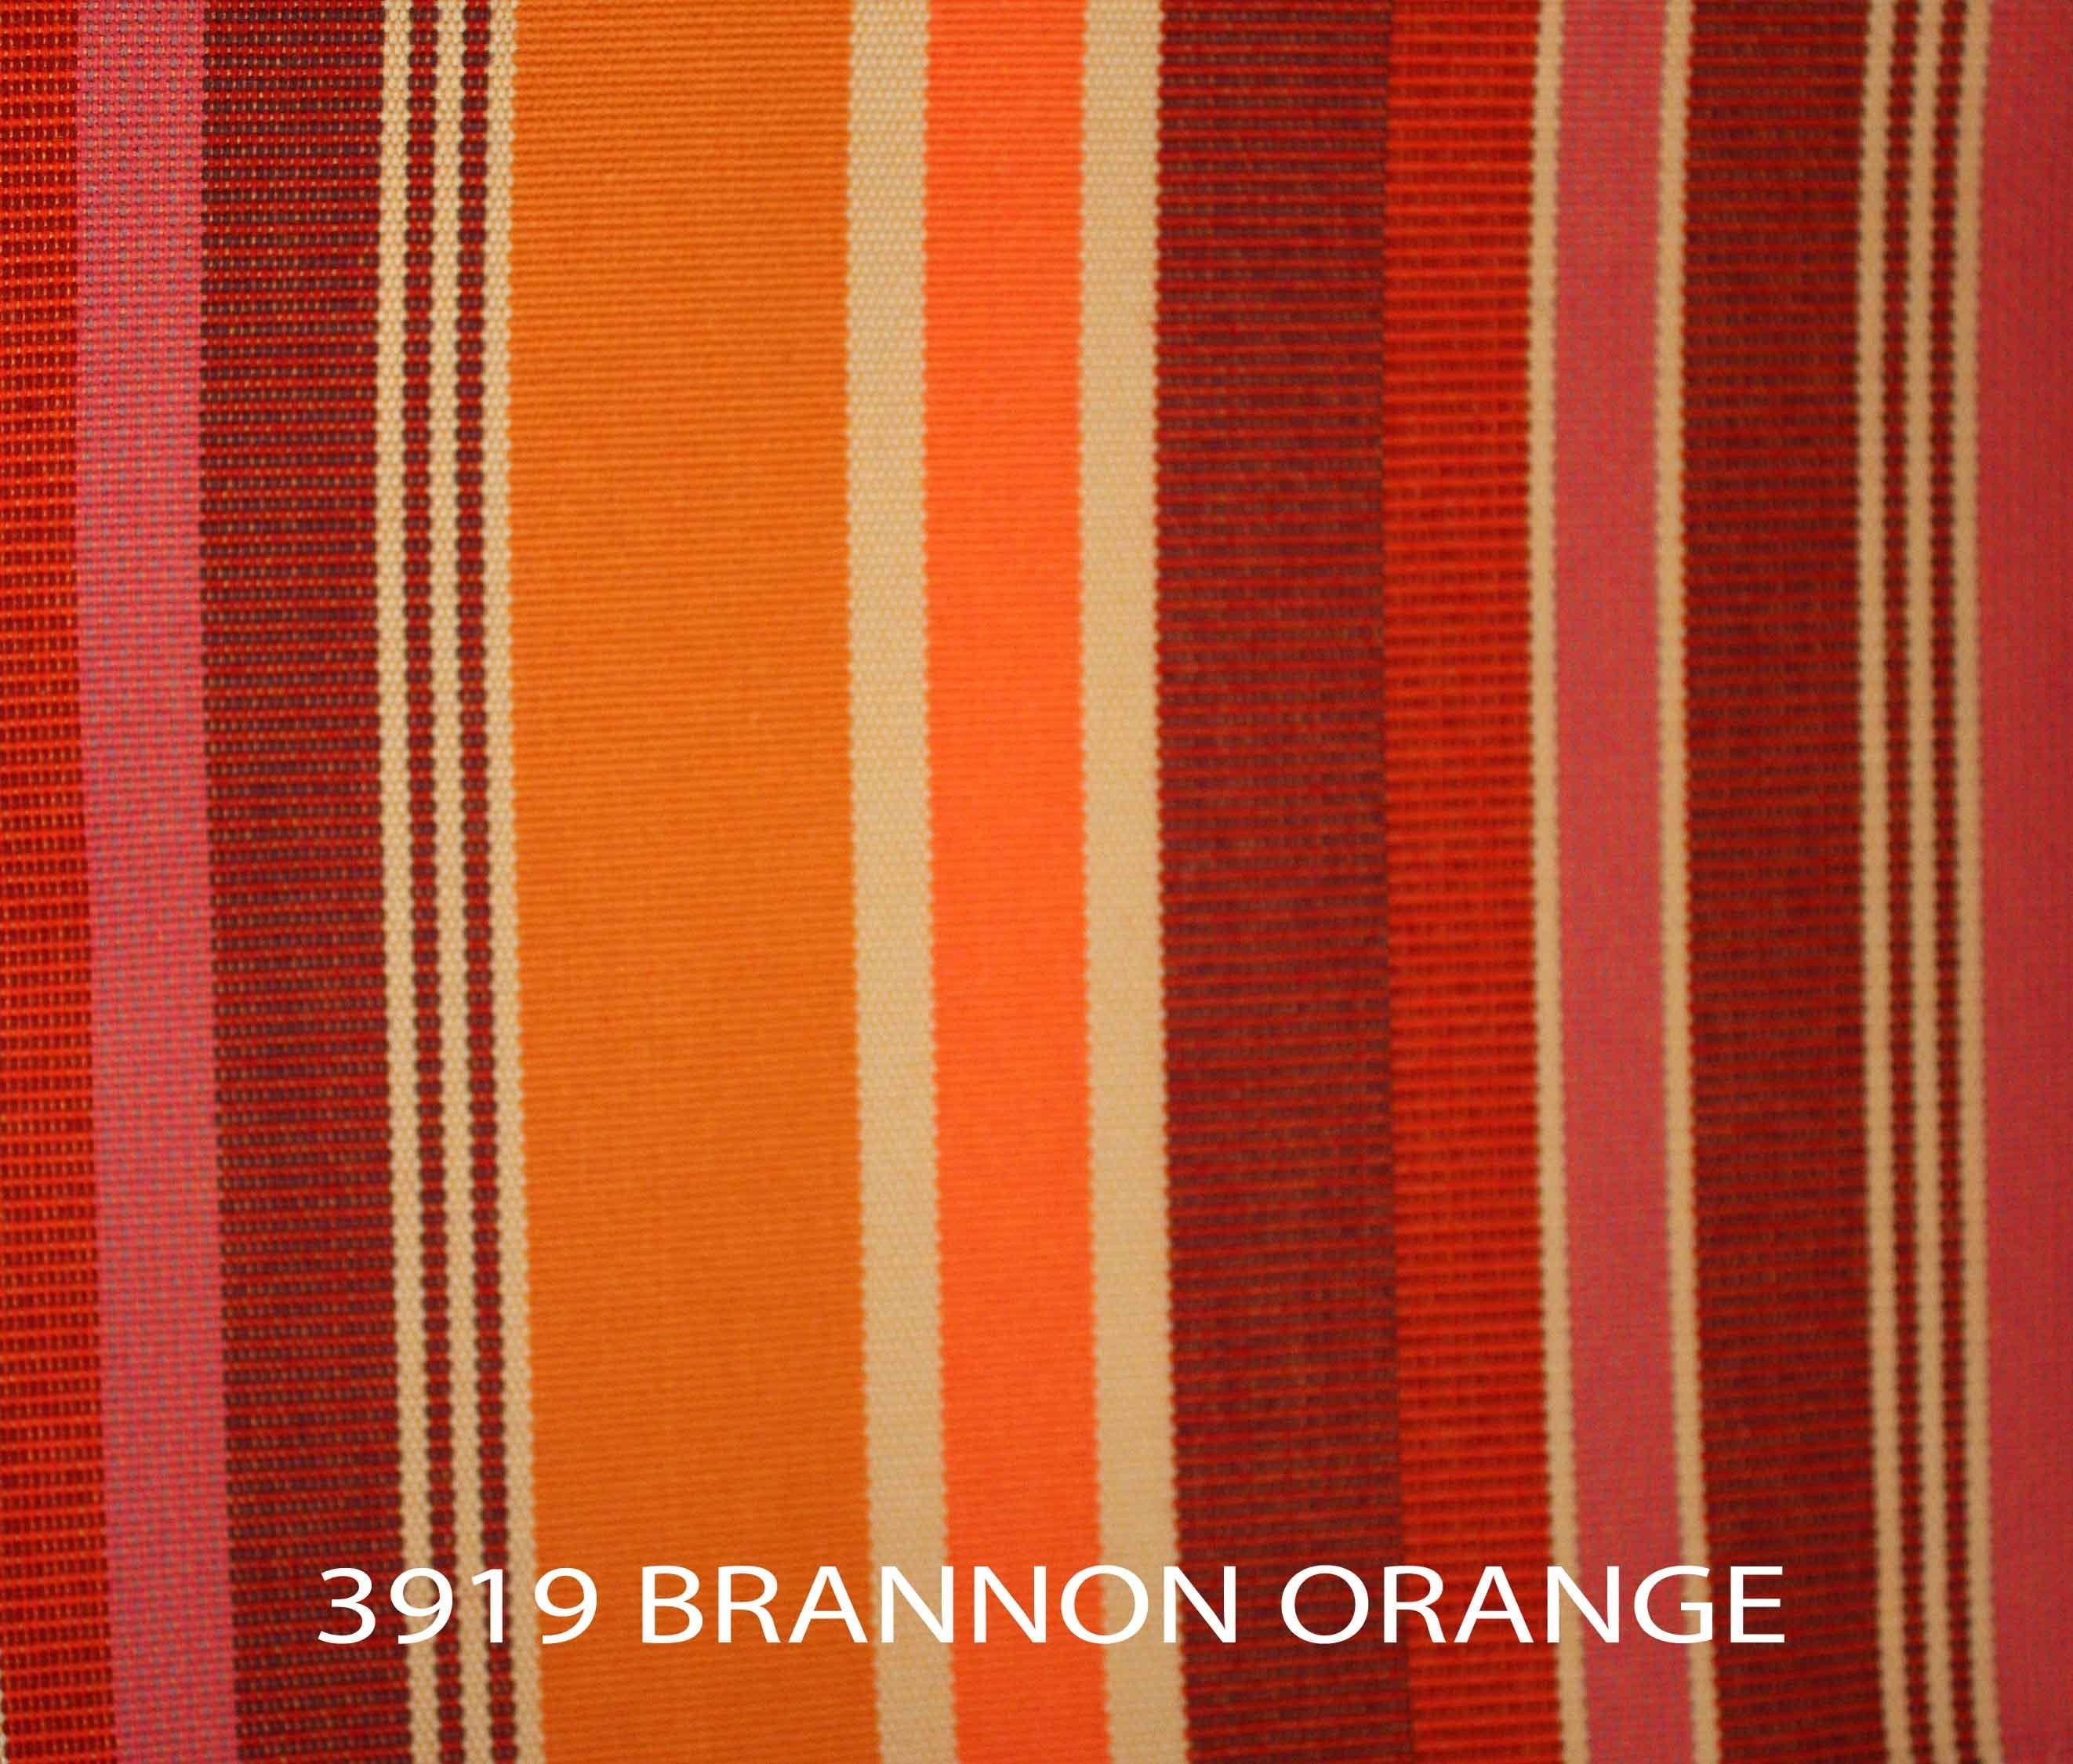 Brannon Orange